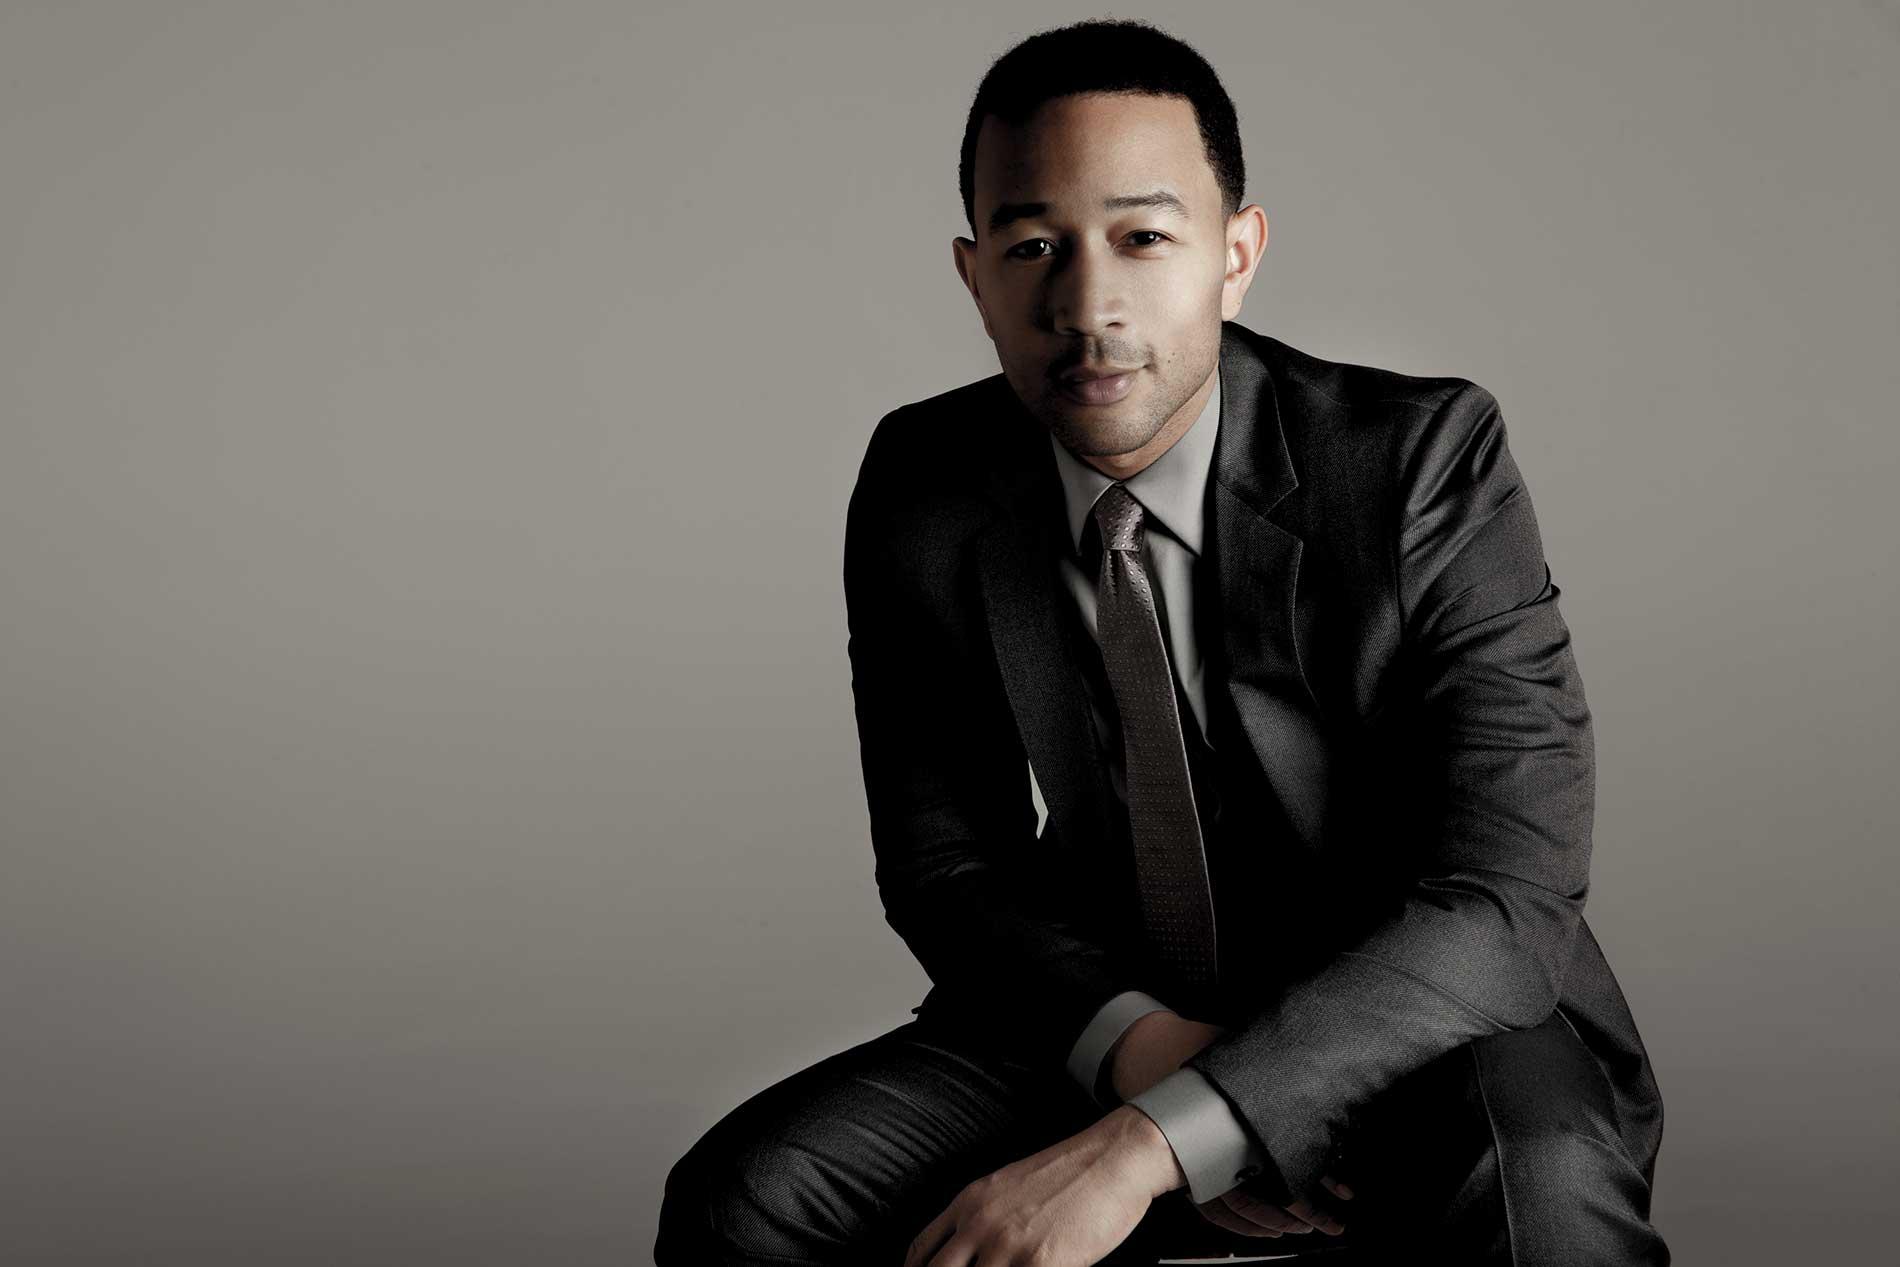 Artist John Legend